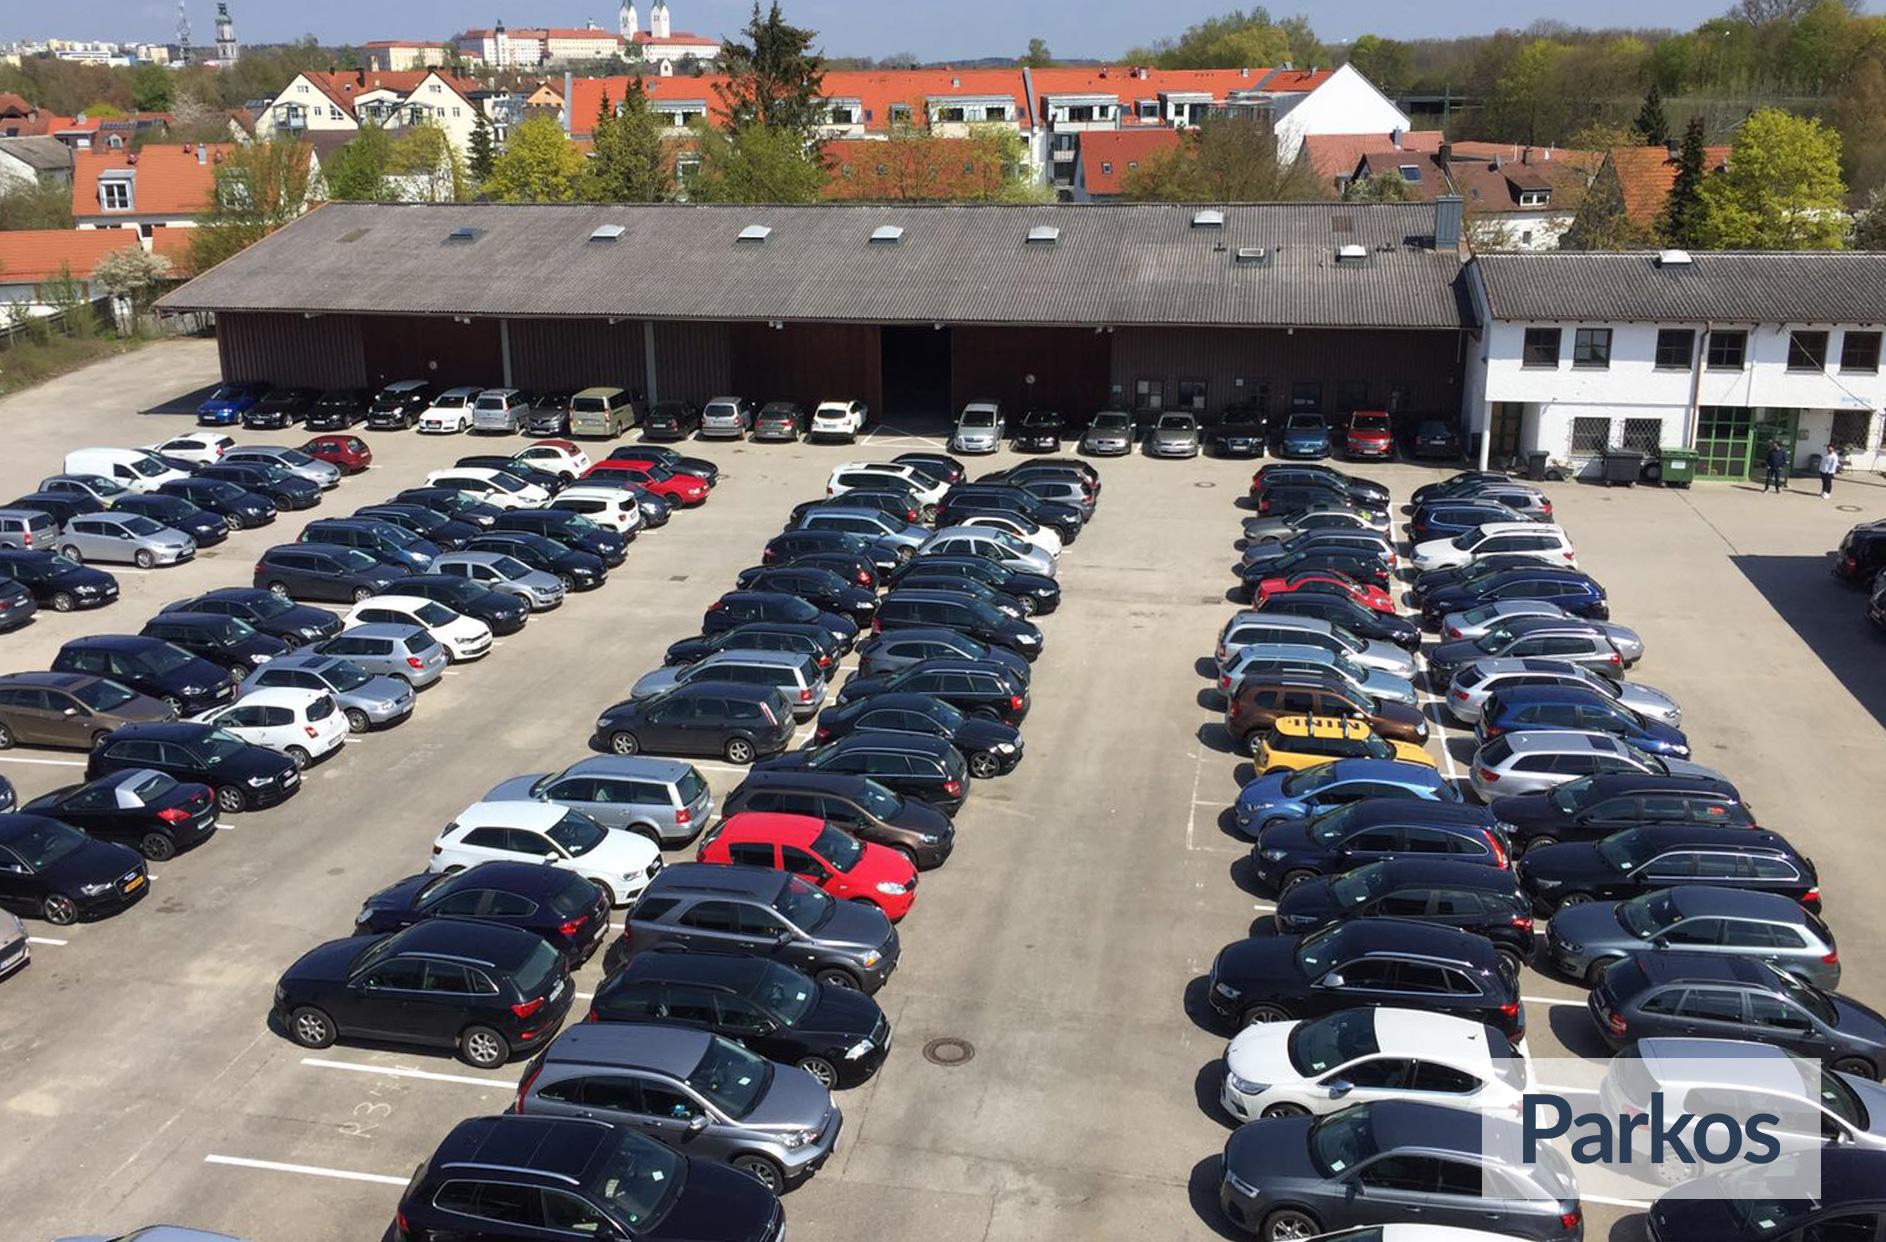 parkairport m nchen erfahrungsberichte bewertungen und. Black Bedroom Furniture Sets. Home Design Ideas